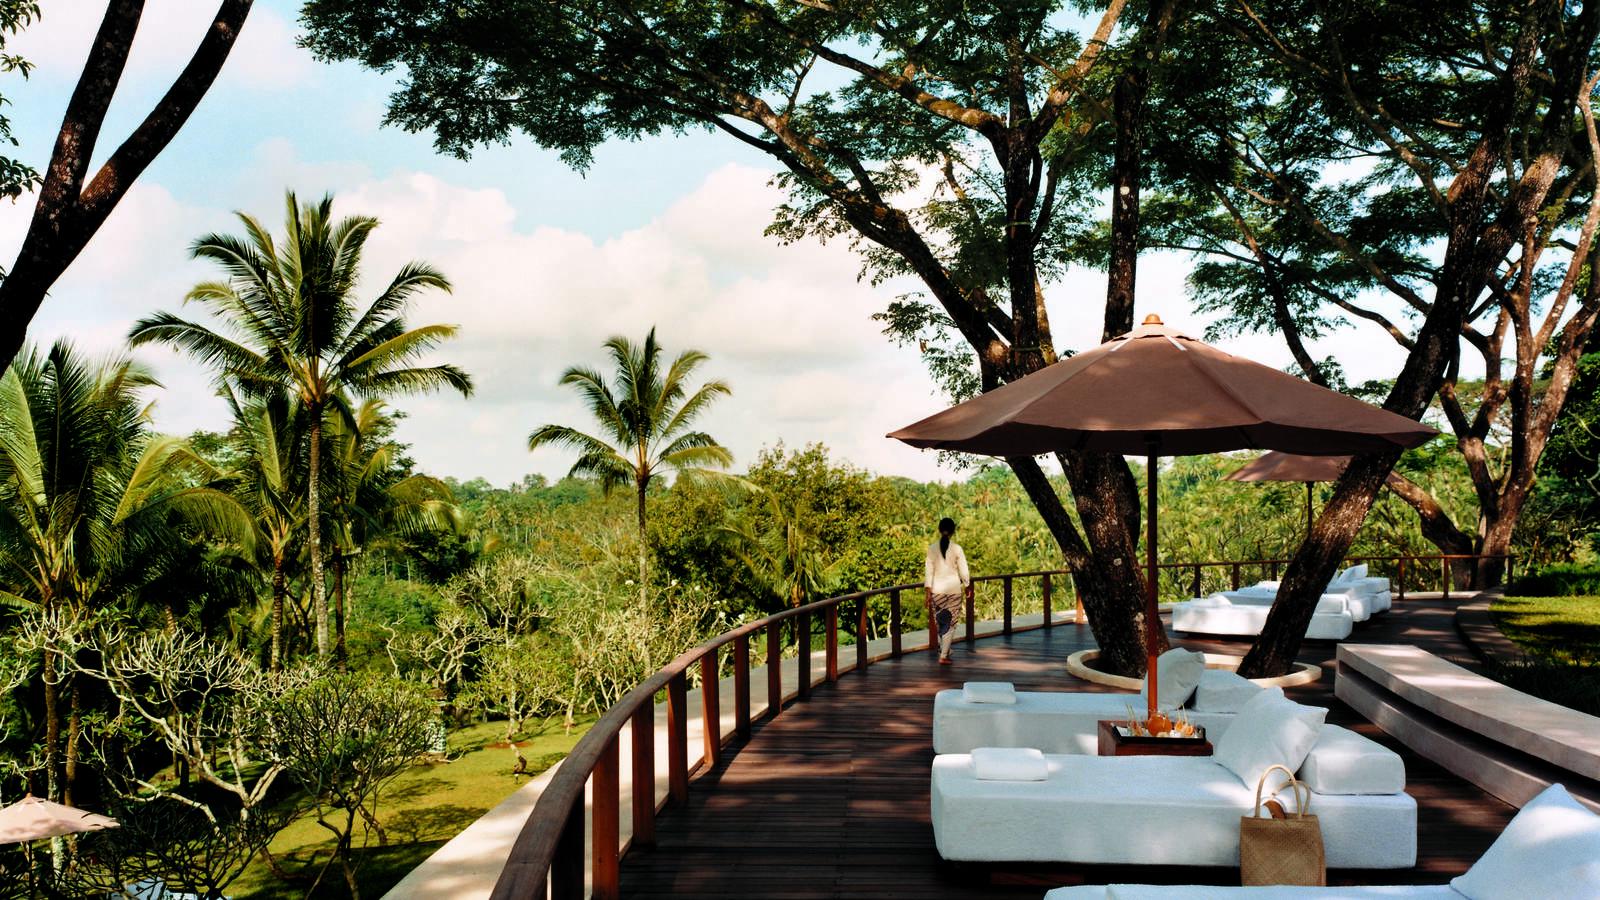 Como Shambhala Bali Relaxation